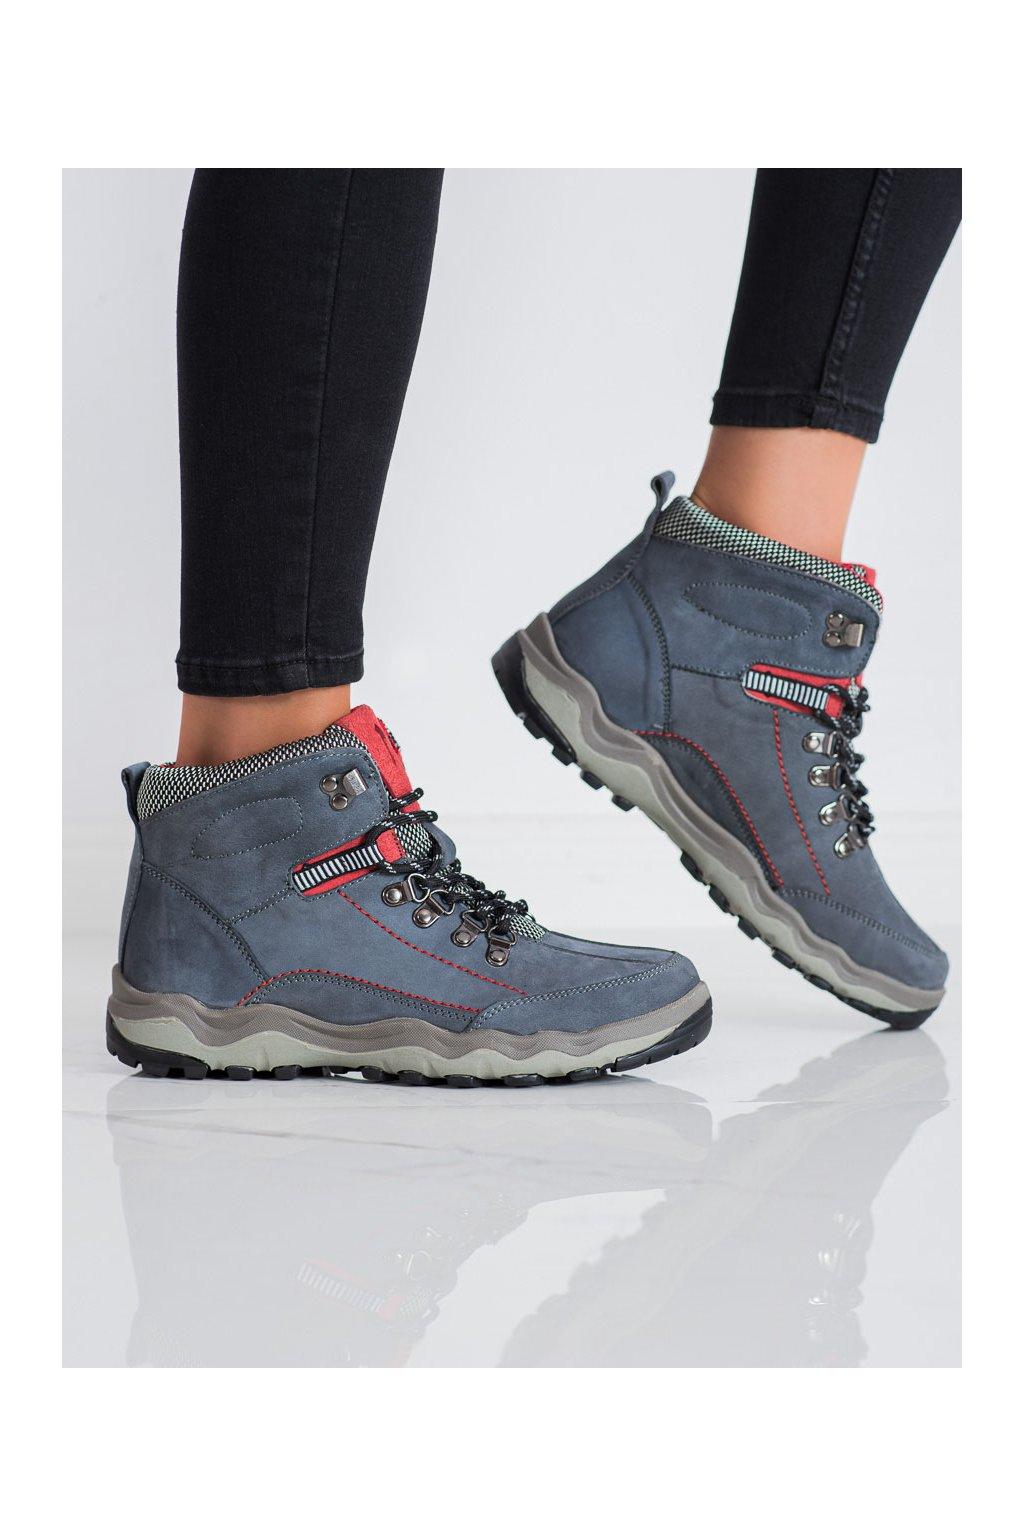 Fialové dámske trekové topánky New age kod BD15777G